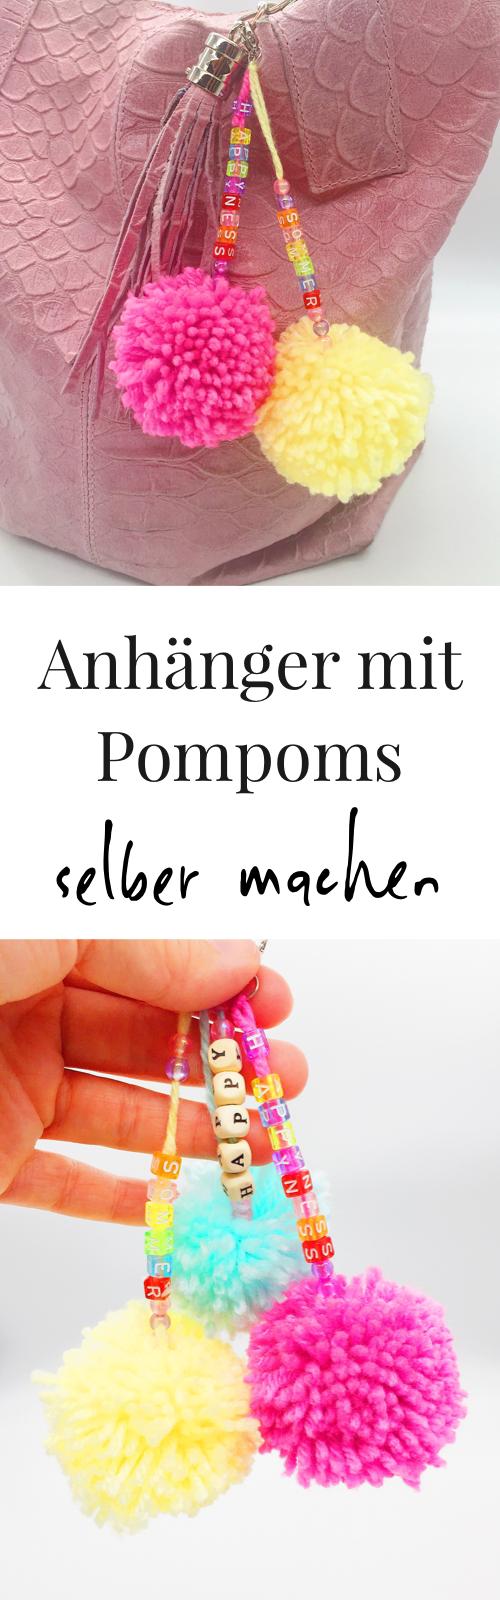 drei sommerliche diy und deko ideen mit pompons selber machen diy ideen auf deutsch pompons. Black Bedroom Furniture Sets. Home Design Ideas